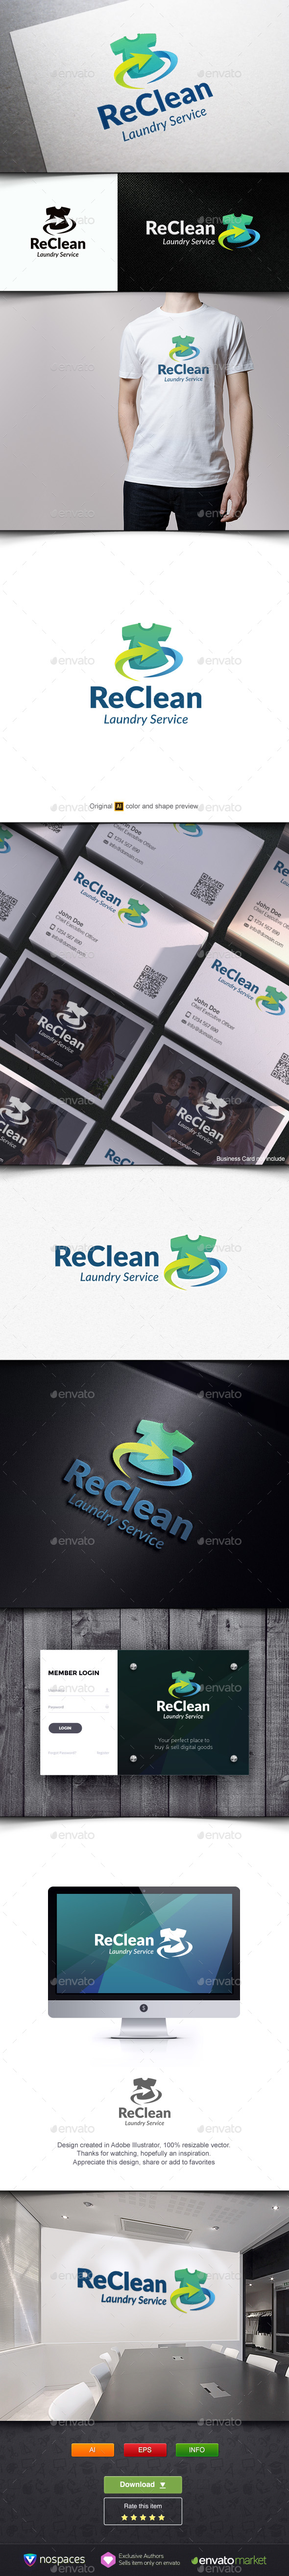 ReClean